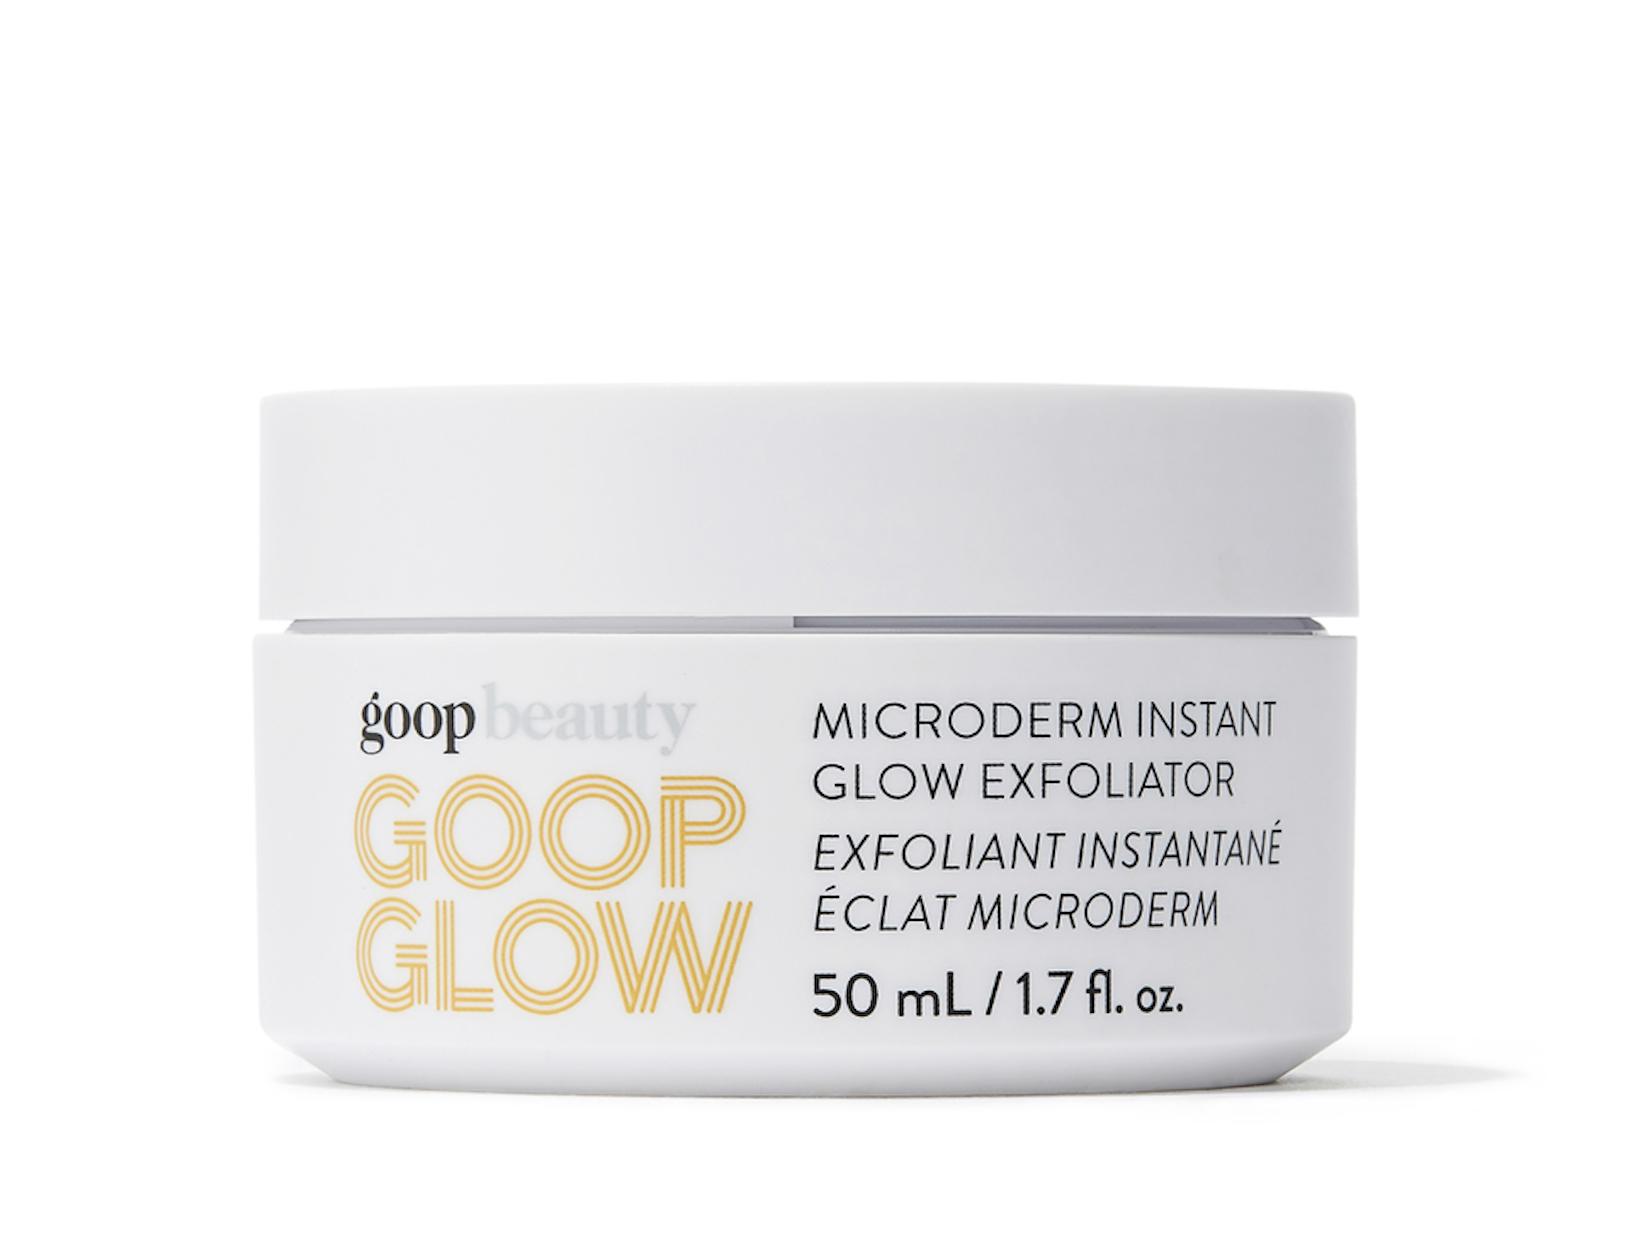 Goopglow Microderm Instant Glow Exfoliator Goop Beauty Goop Shop